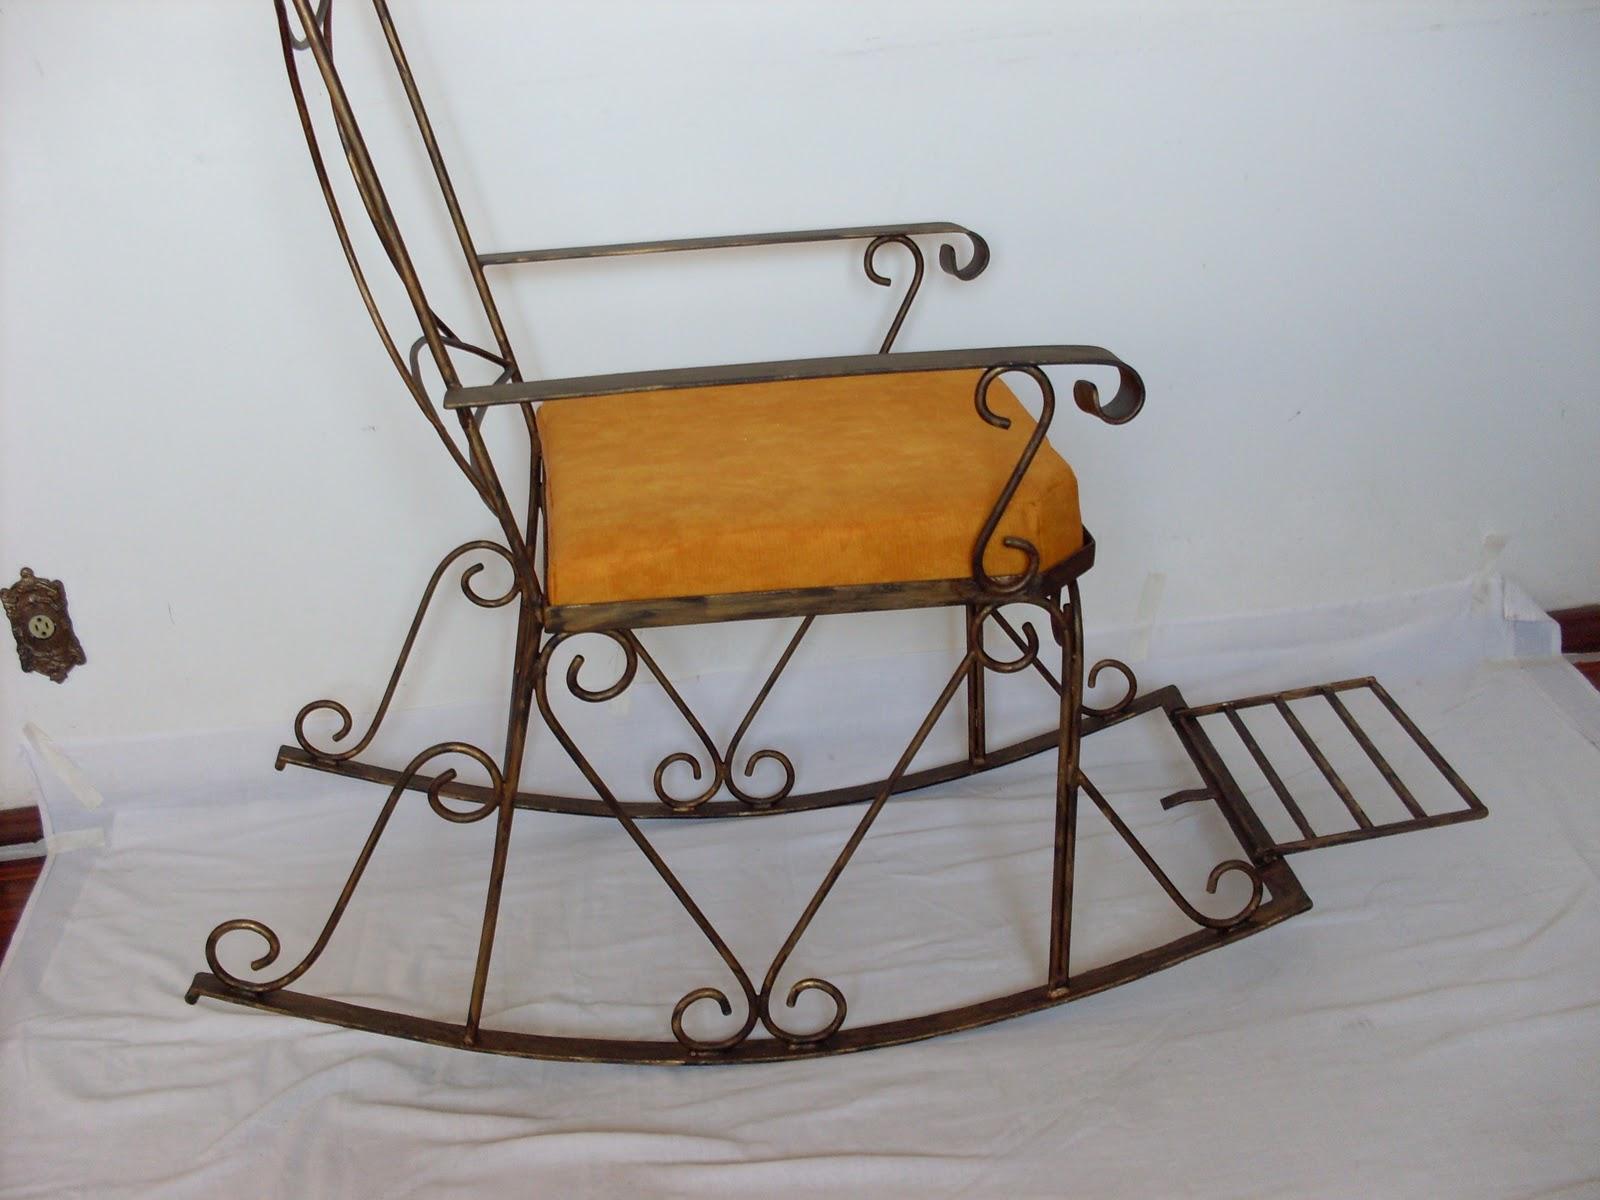 Beto Goteira Arte Em Ferro Artesanal: cadeira de balanço rio grande #A96C22 1600x1200